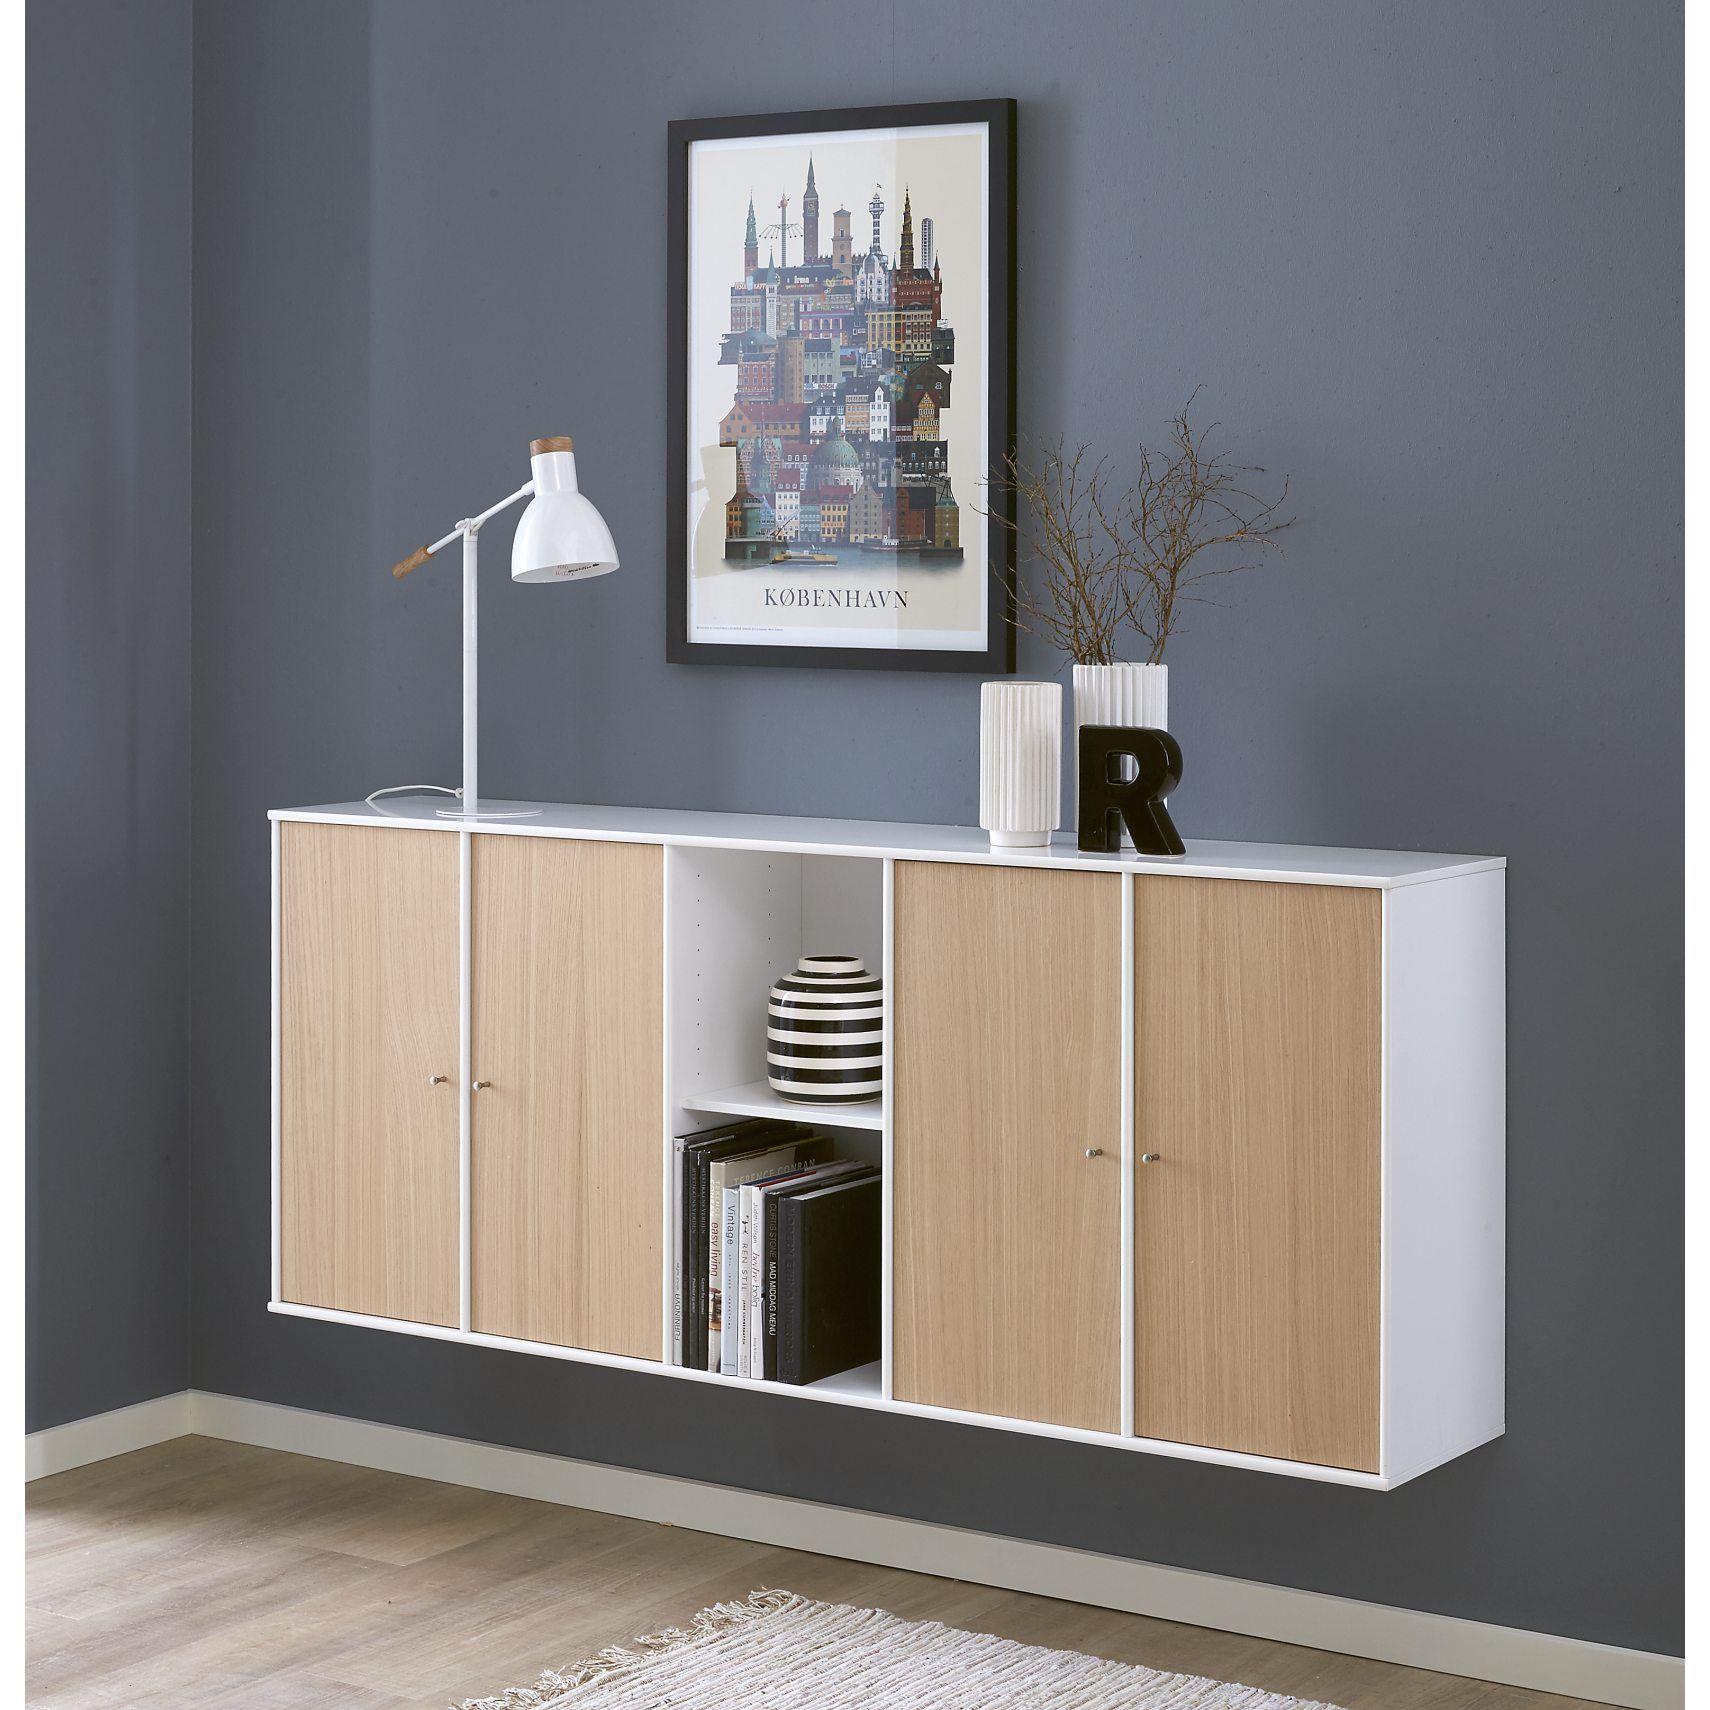 Kjempebra Bilderesultat for mistral reol | Stue | Furniture, Home Decor og Decor GD-61